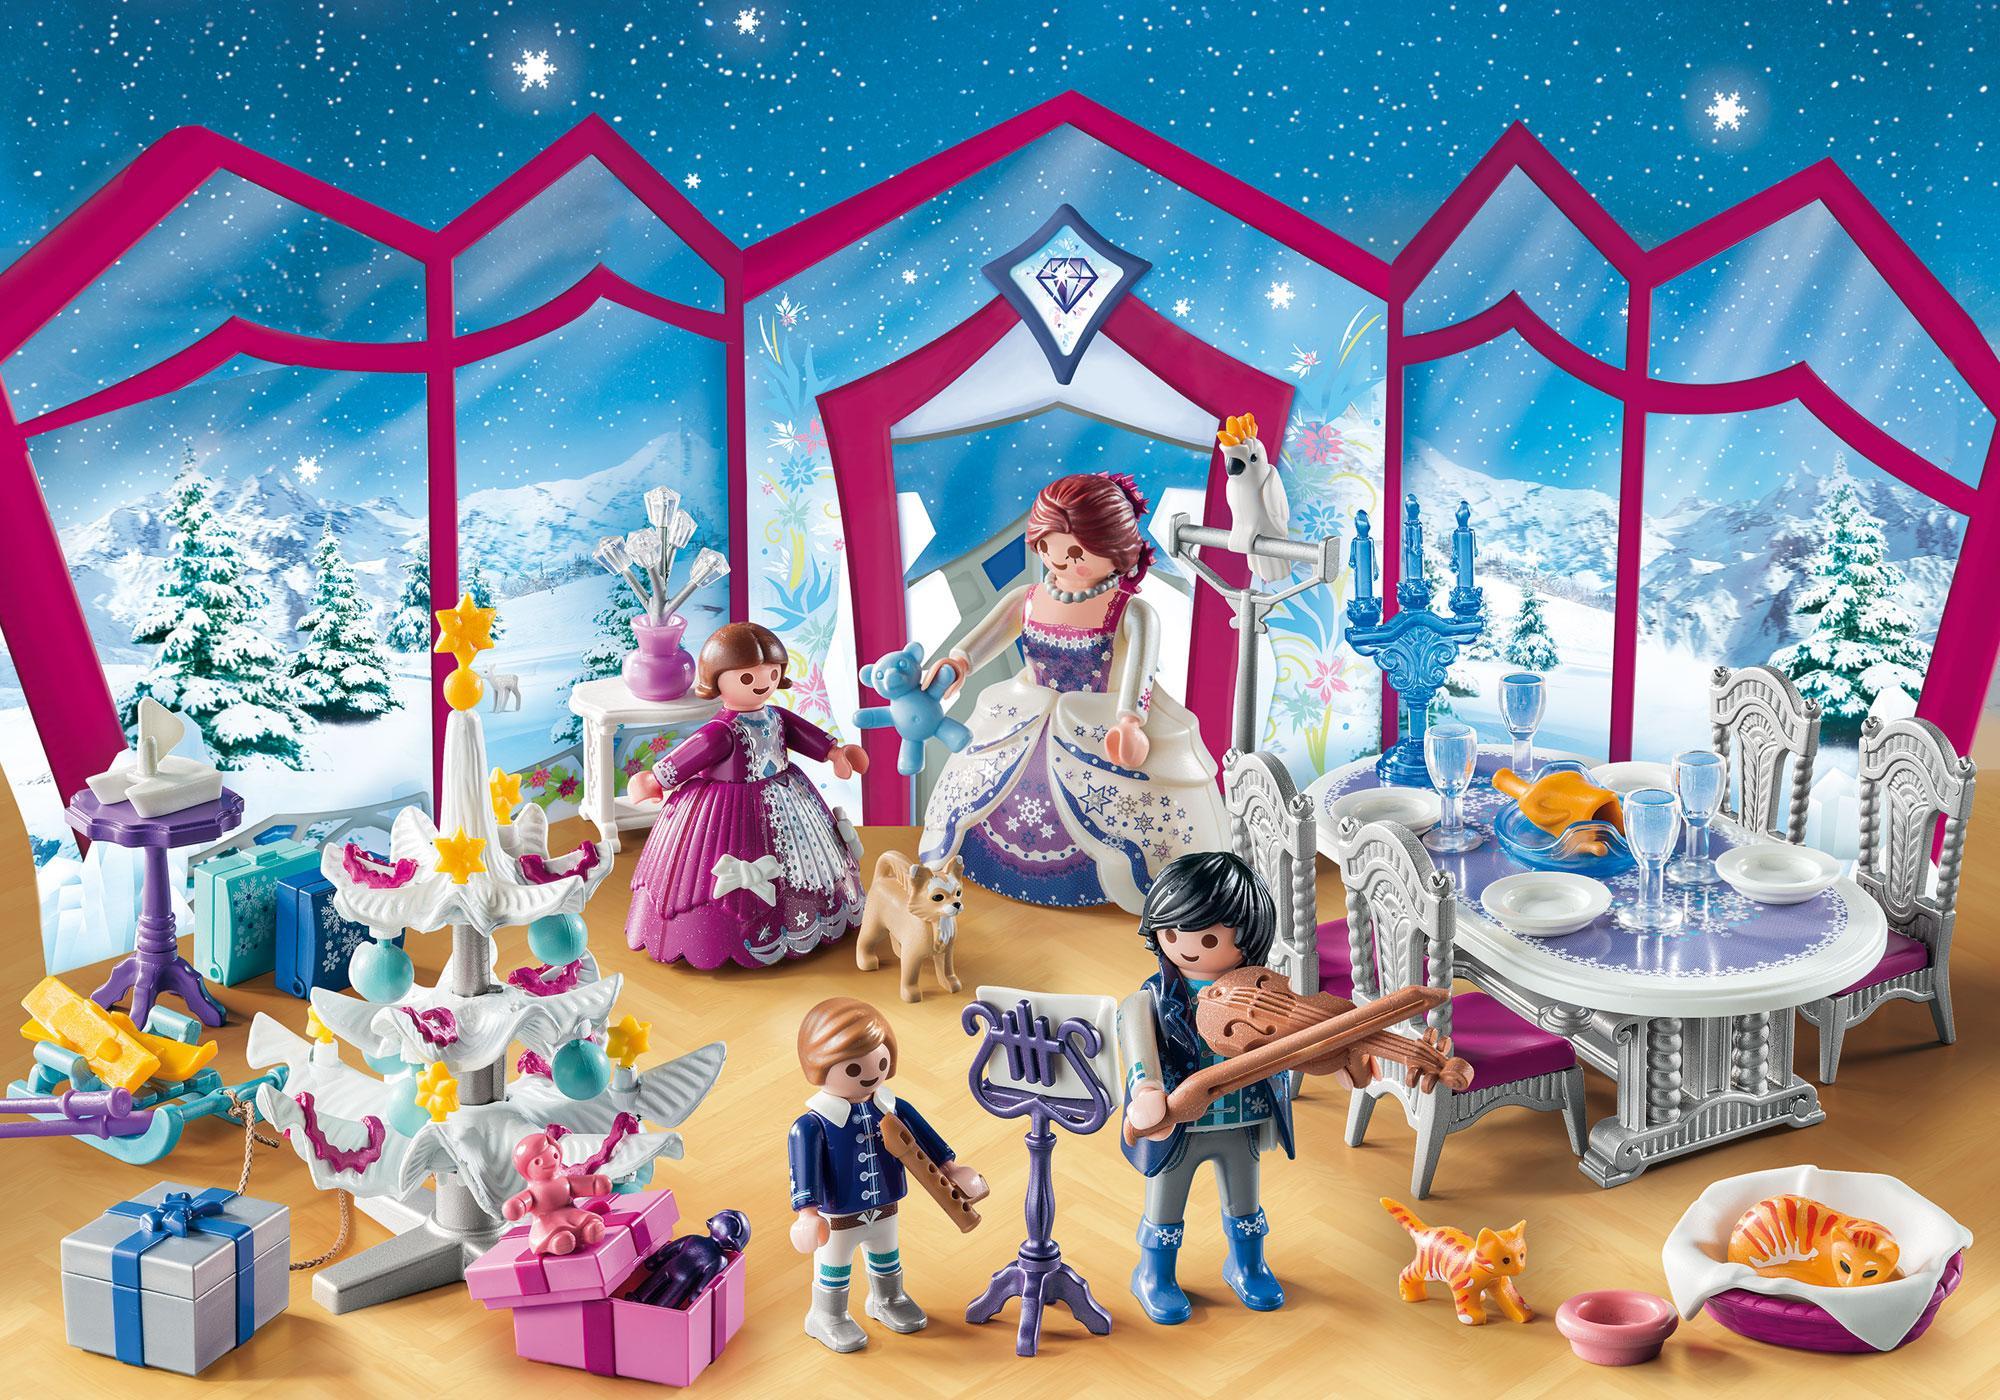 http://media.playmobil.com/i/playmobil/9485_product_extra1/Advent Calendar - Christmas Ball